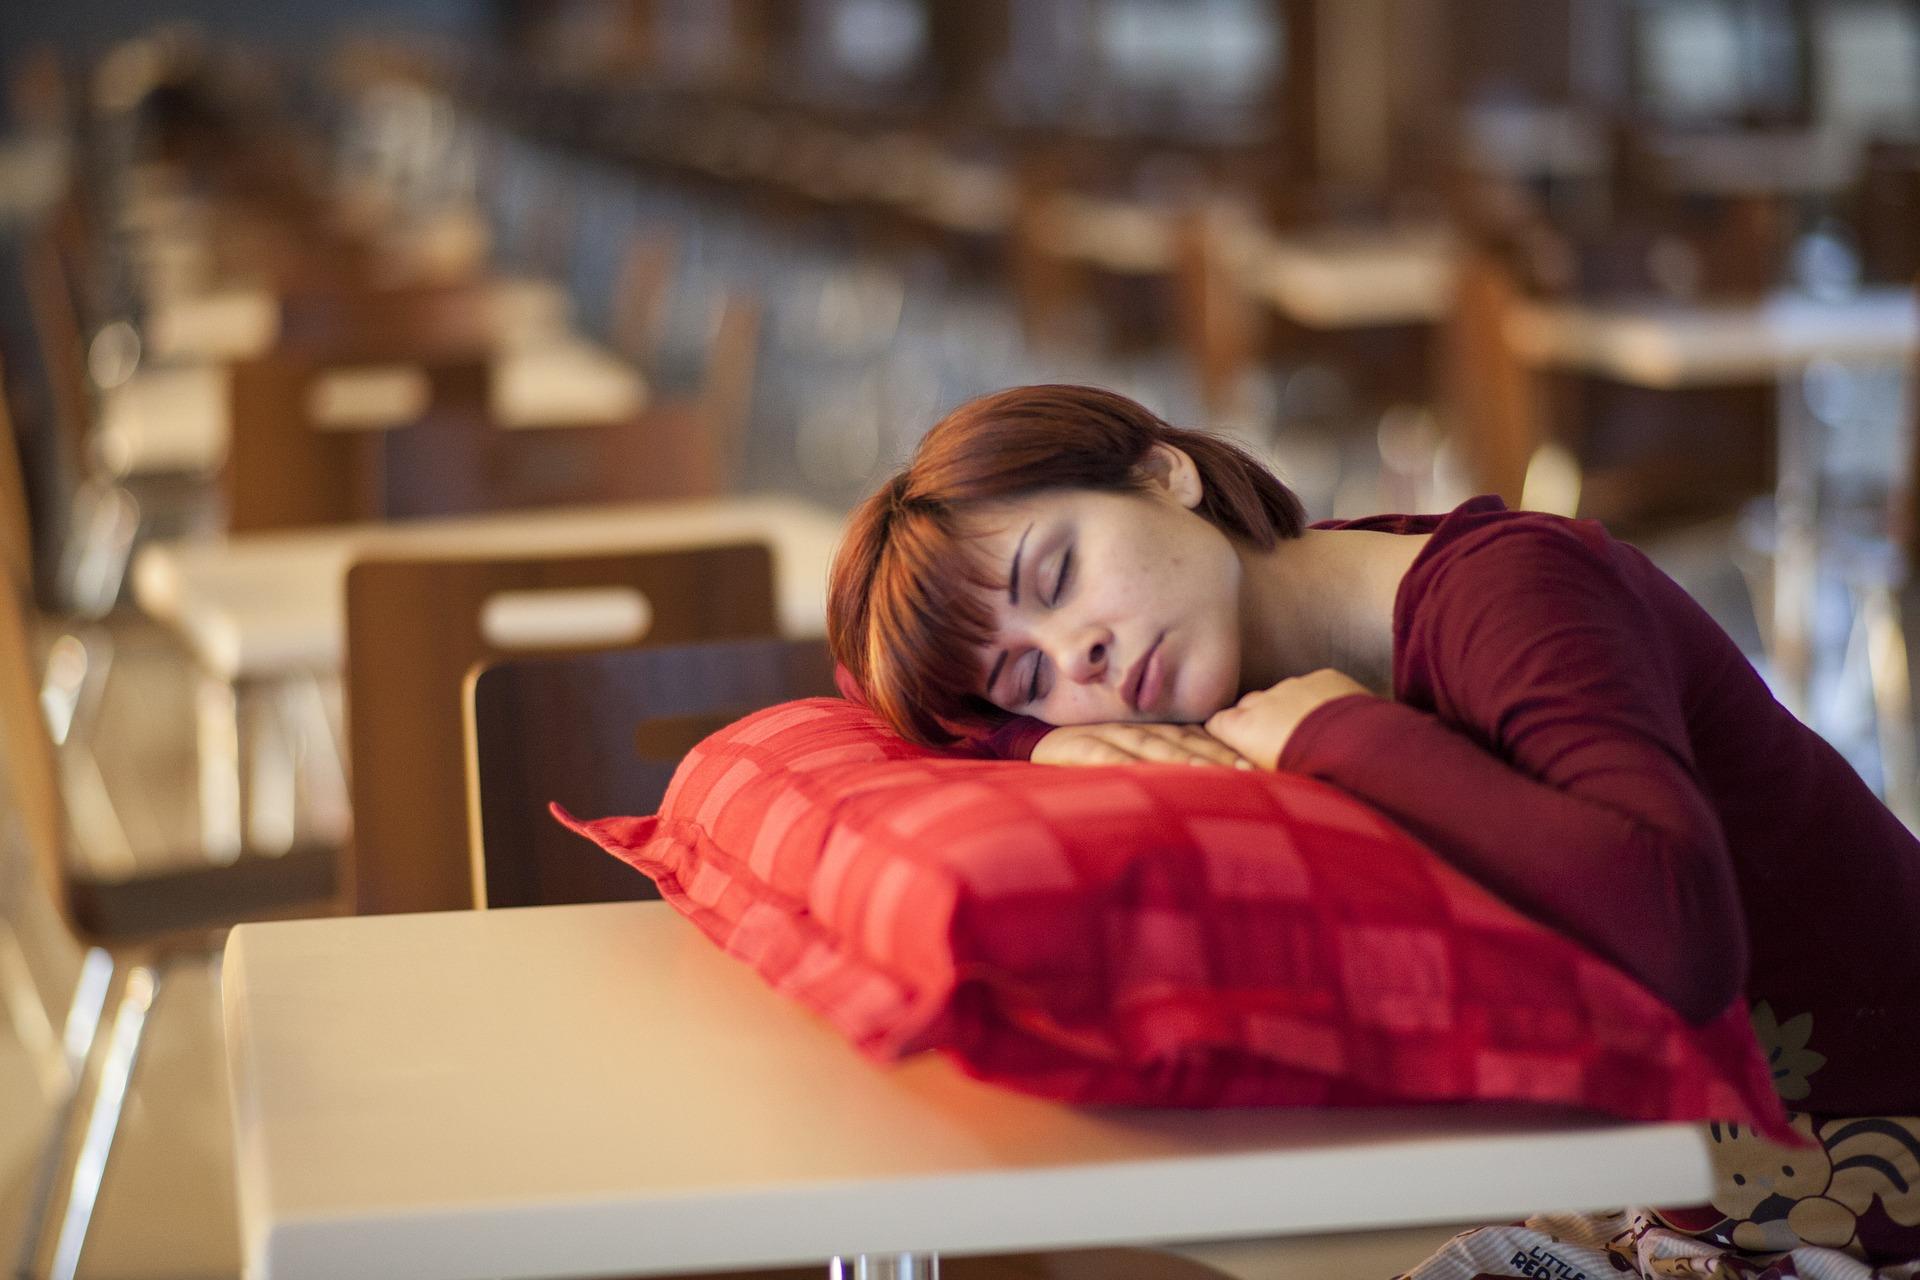 Napping Statistics - At Work